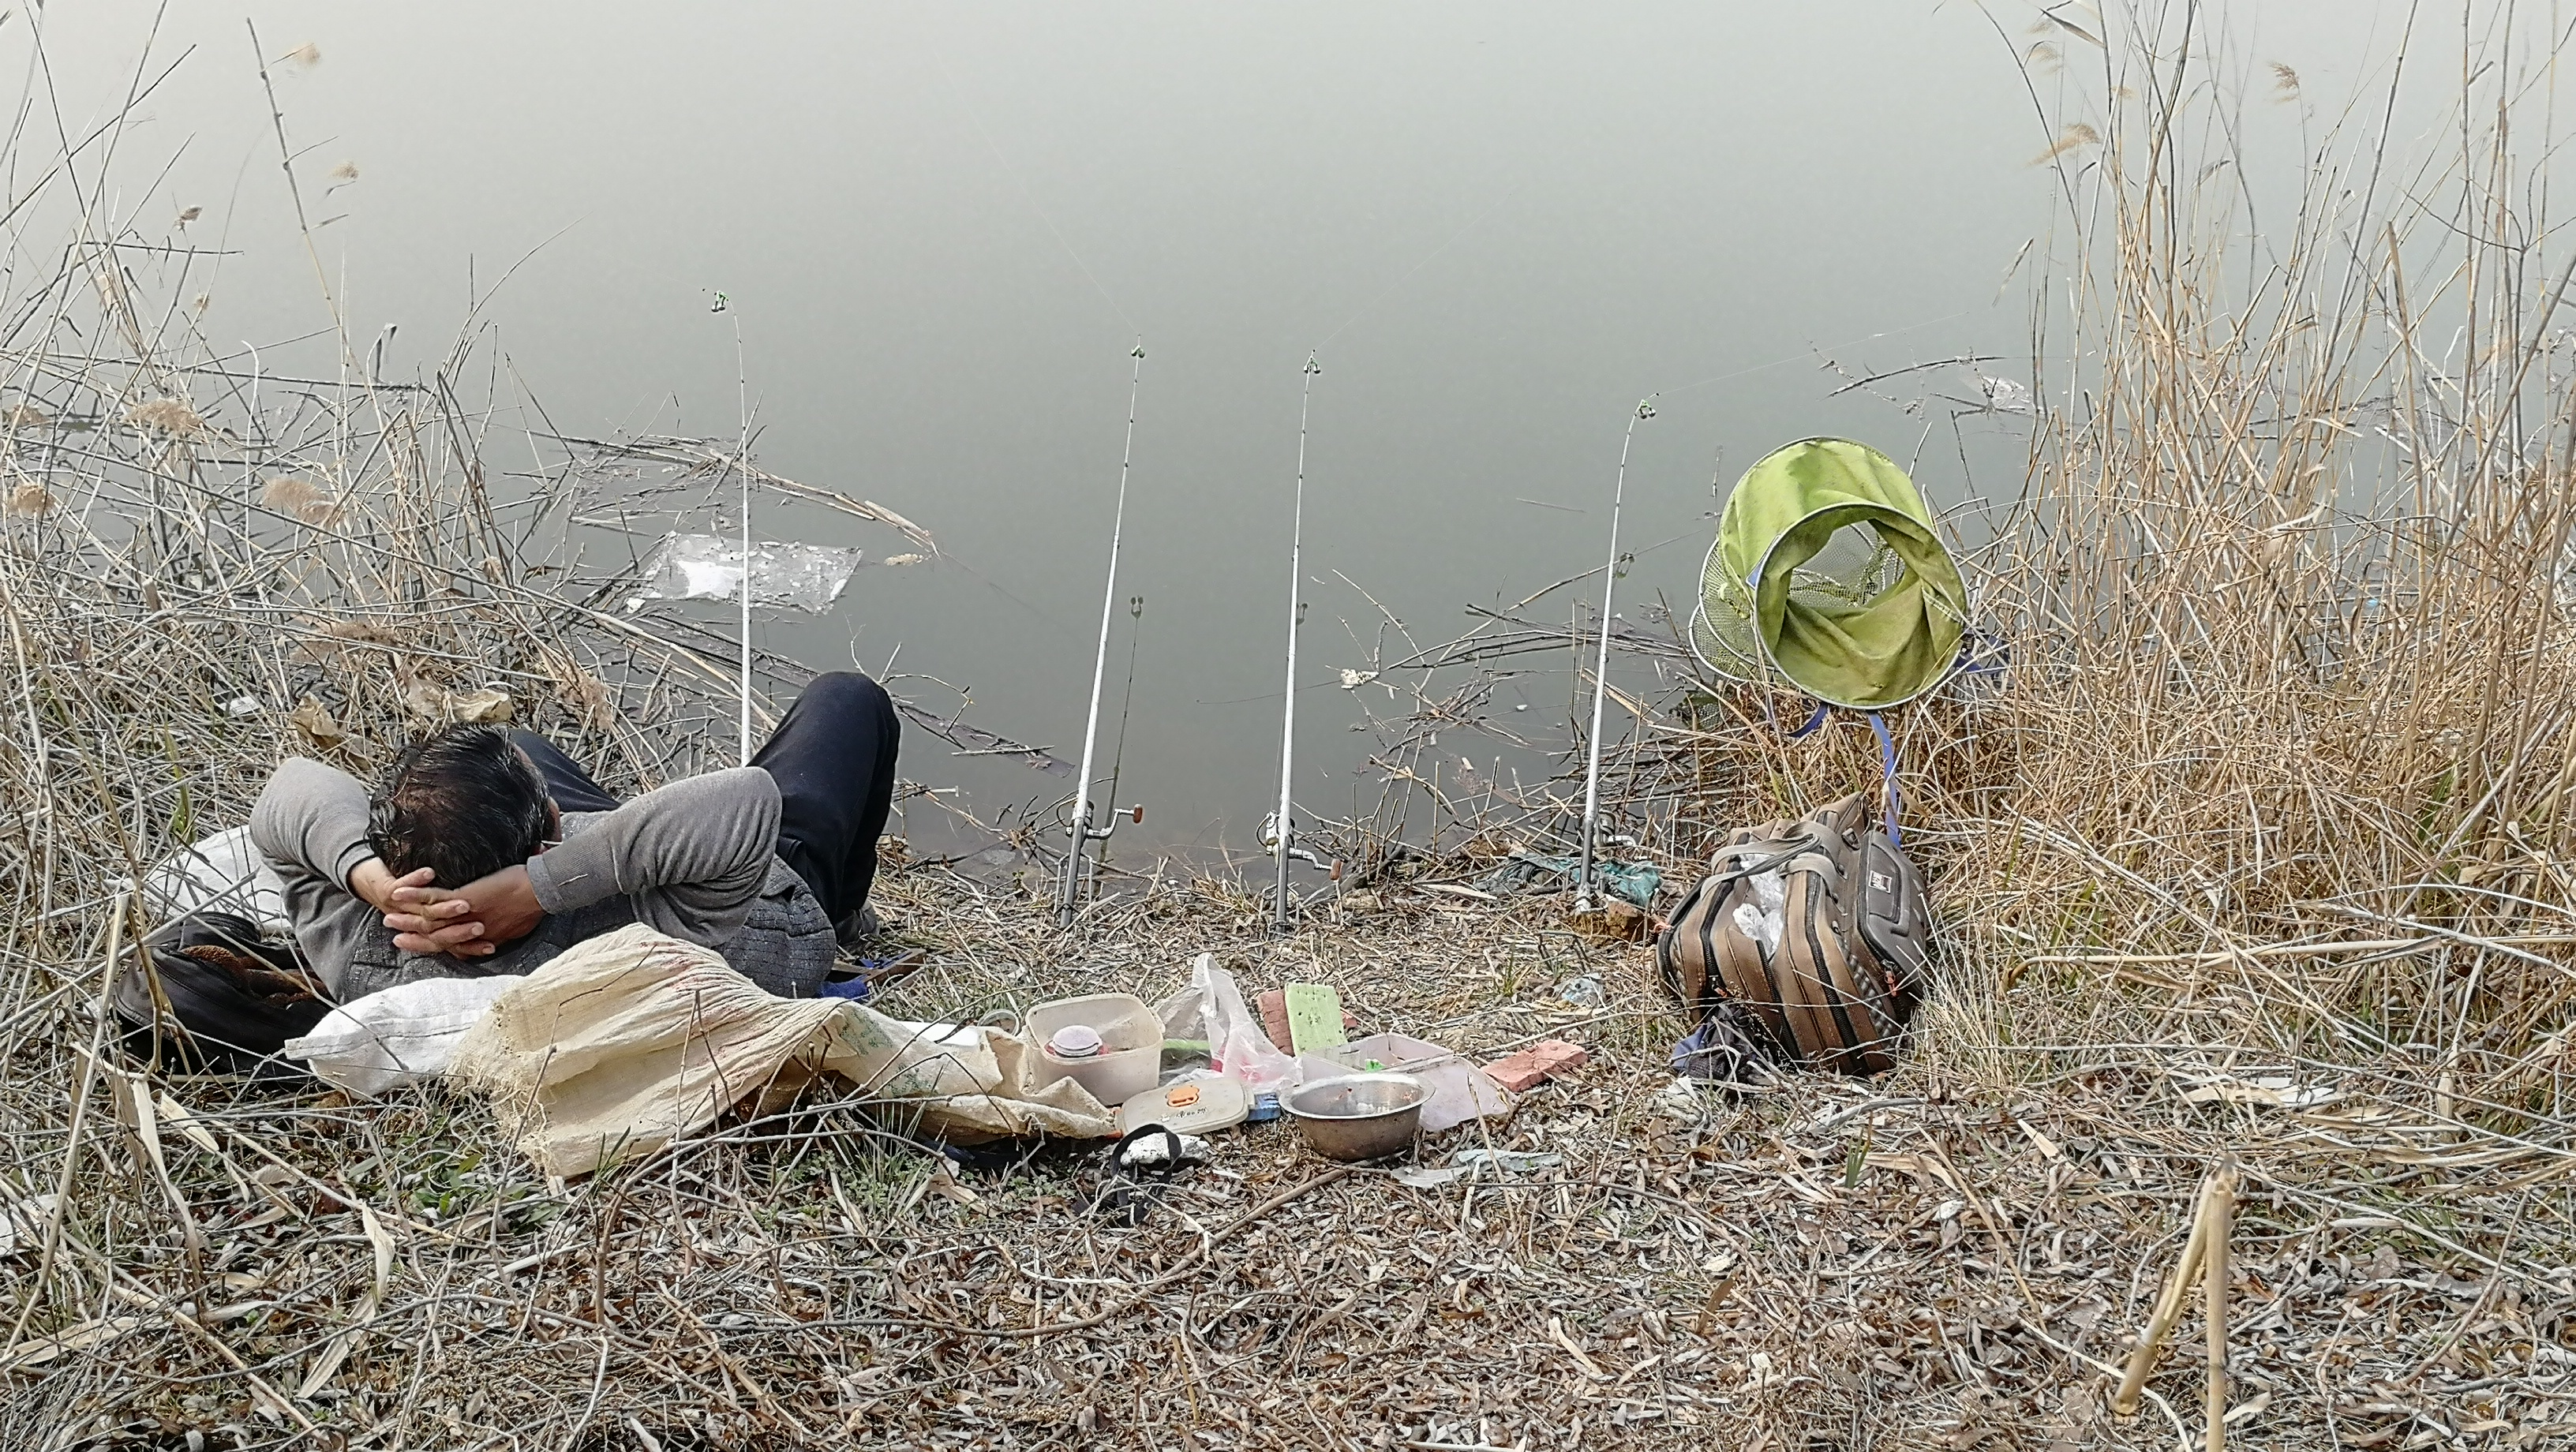 春天钓鱼把握这一点,资源允许,鲫鱼鲤鱼竿不是问题!